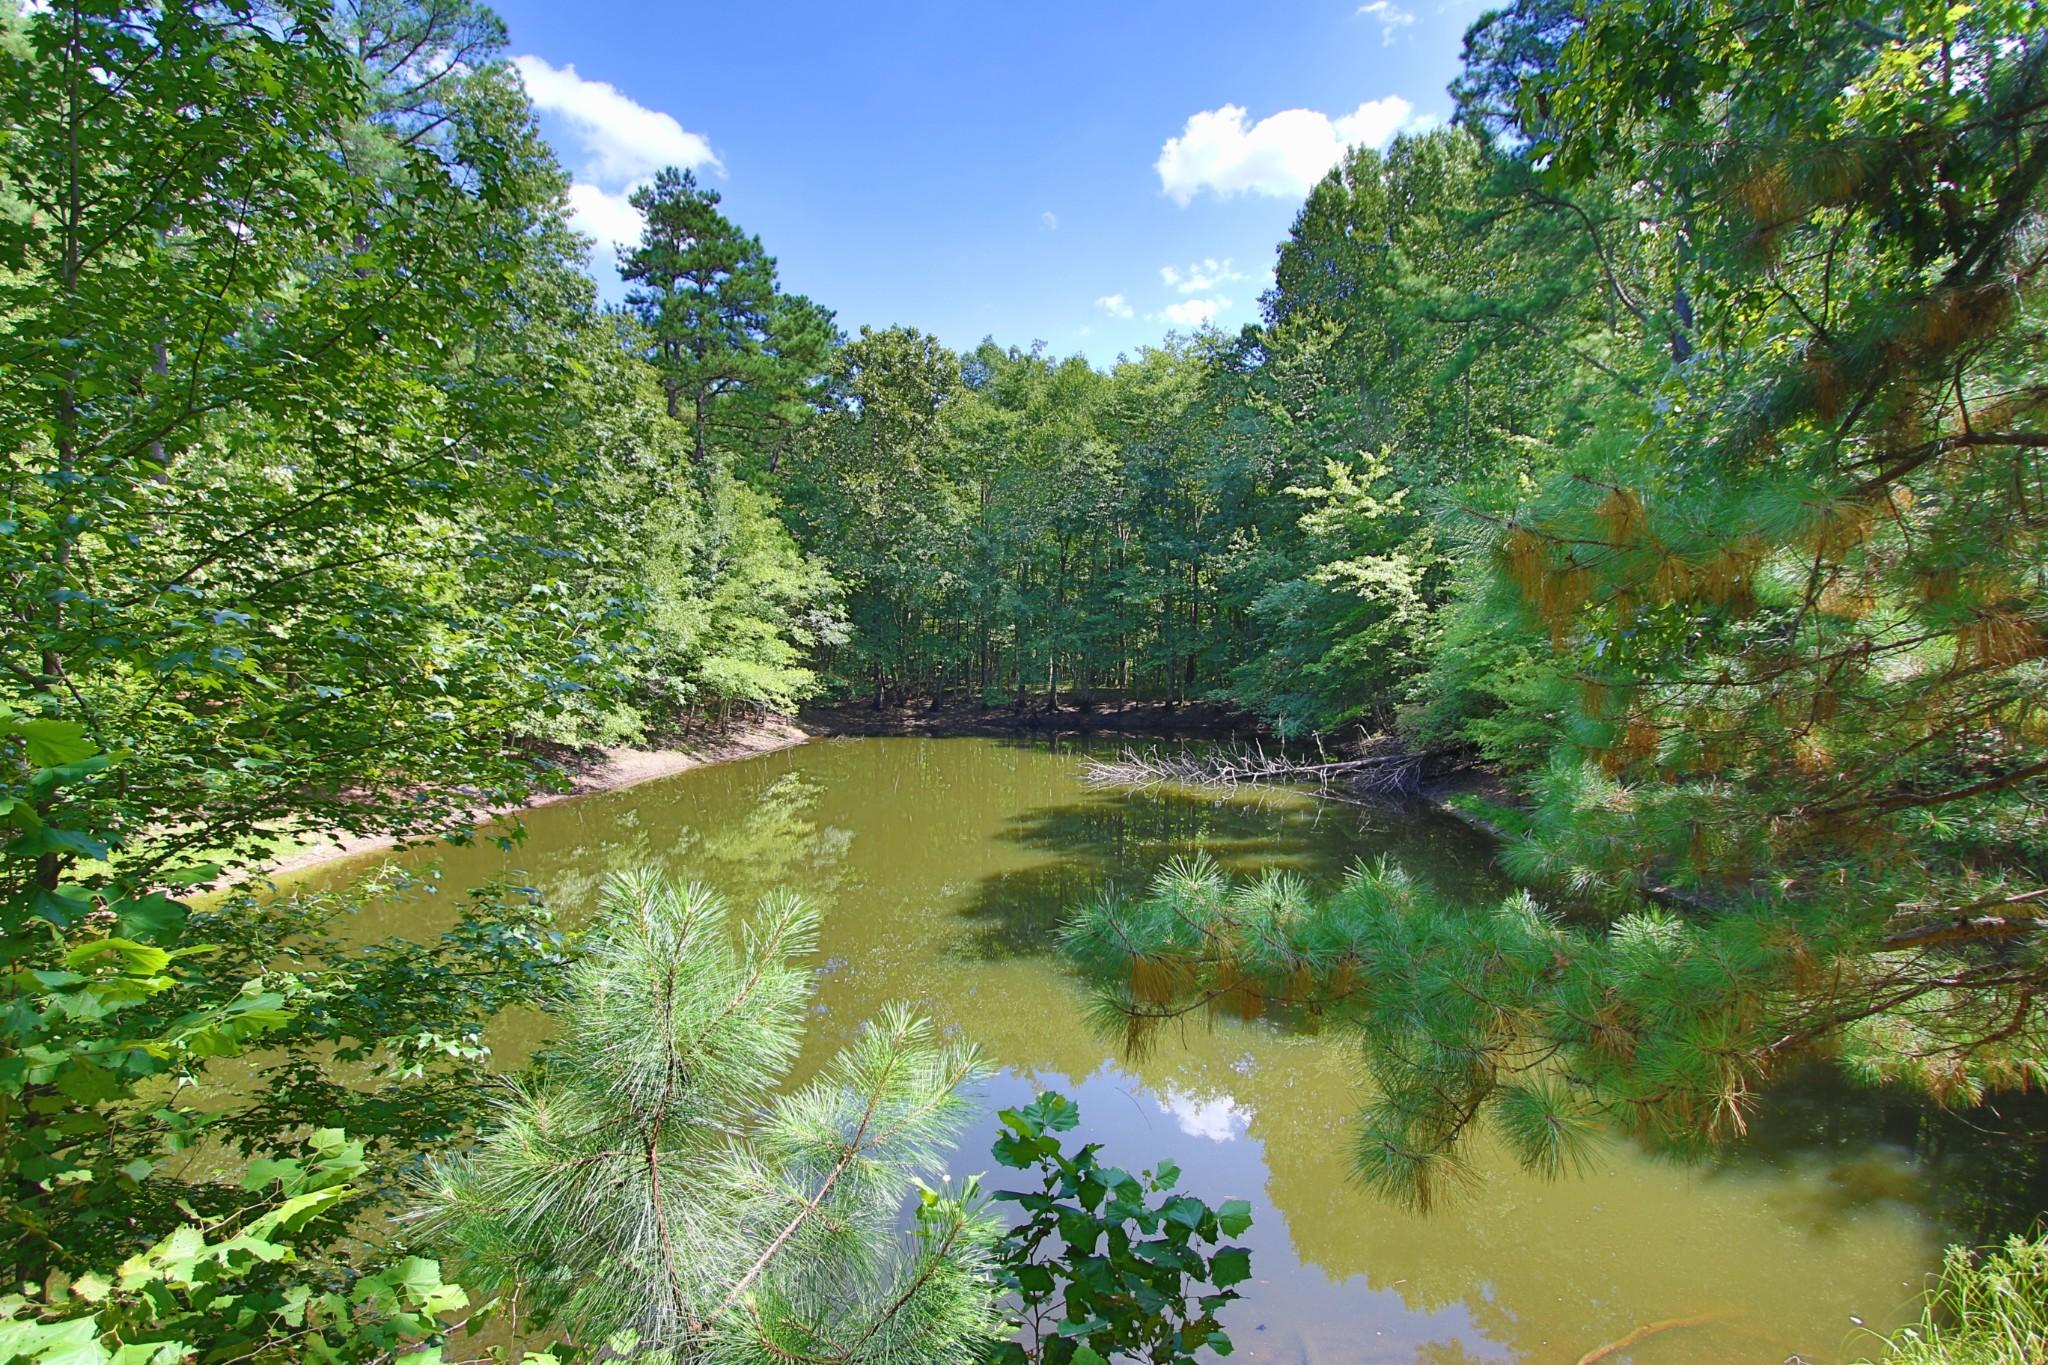 8388 S Tatum Creek Rd, Lyles, TN 37098 - Lyles, TN real estate listing